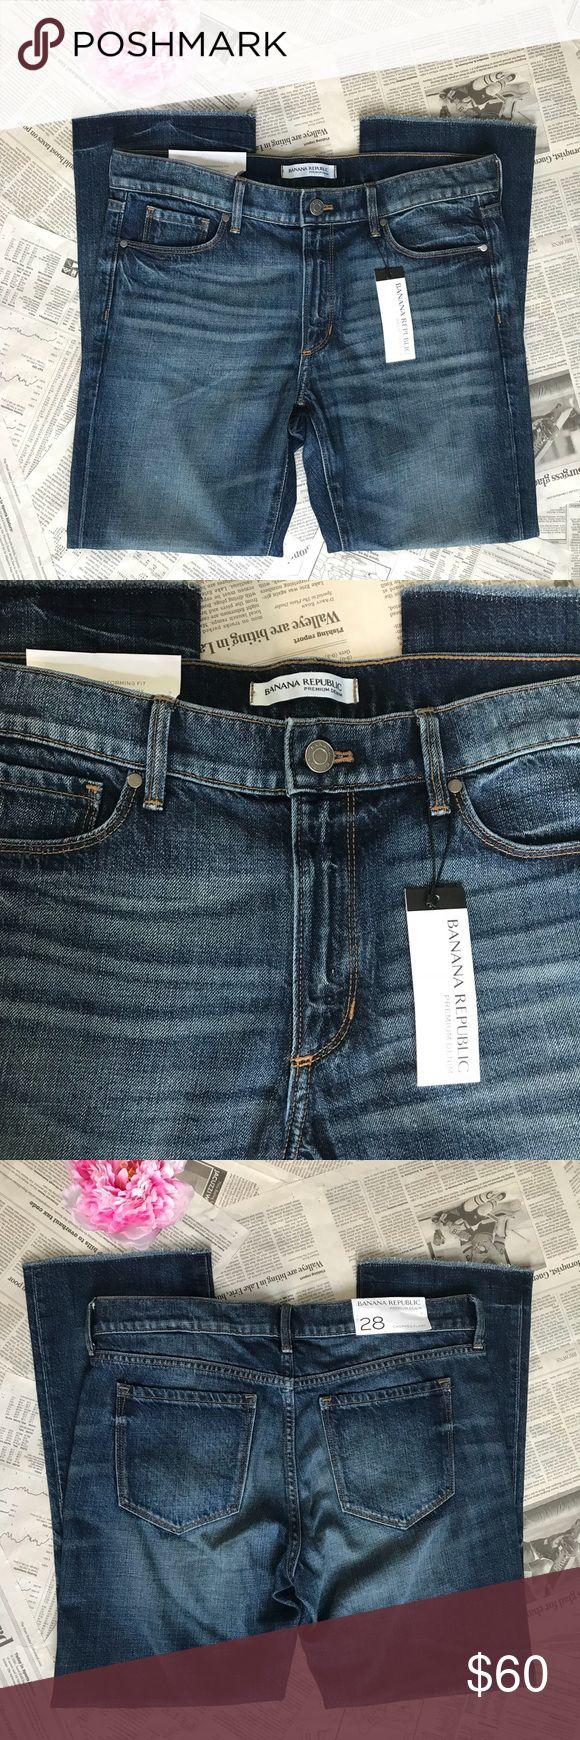 I just added this listing on Poshmark: Banana Republic Cropped Flare Jeans. #shopmycloset #poshmark #fashion #shopping #style #forsale #Banana Republic #Denim